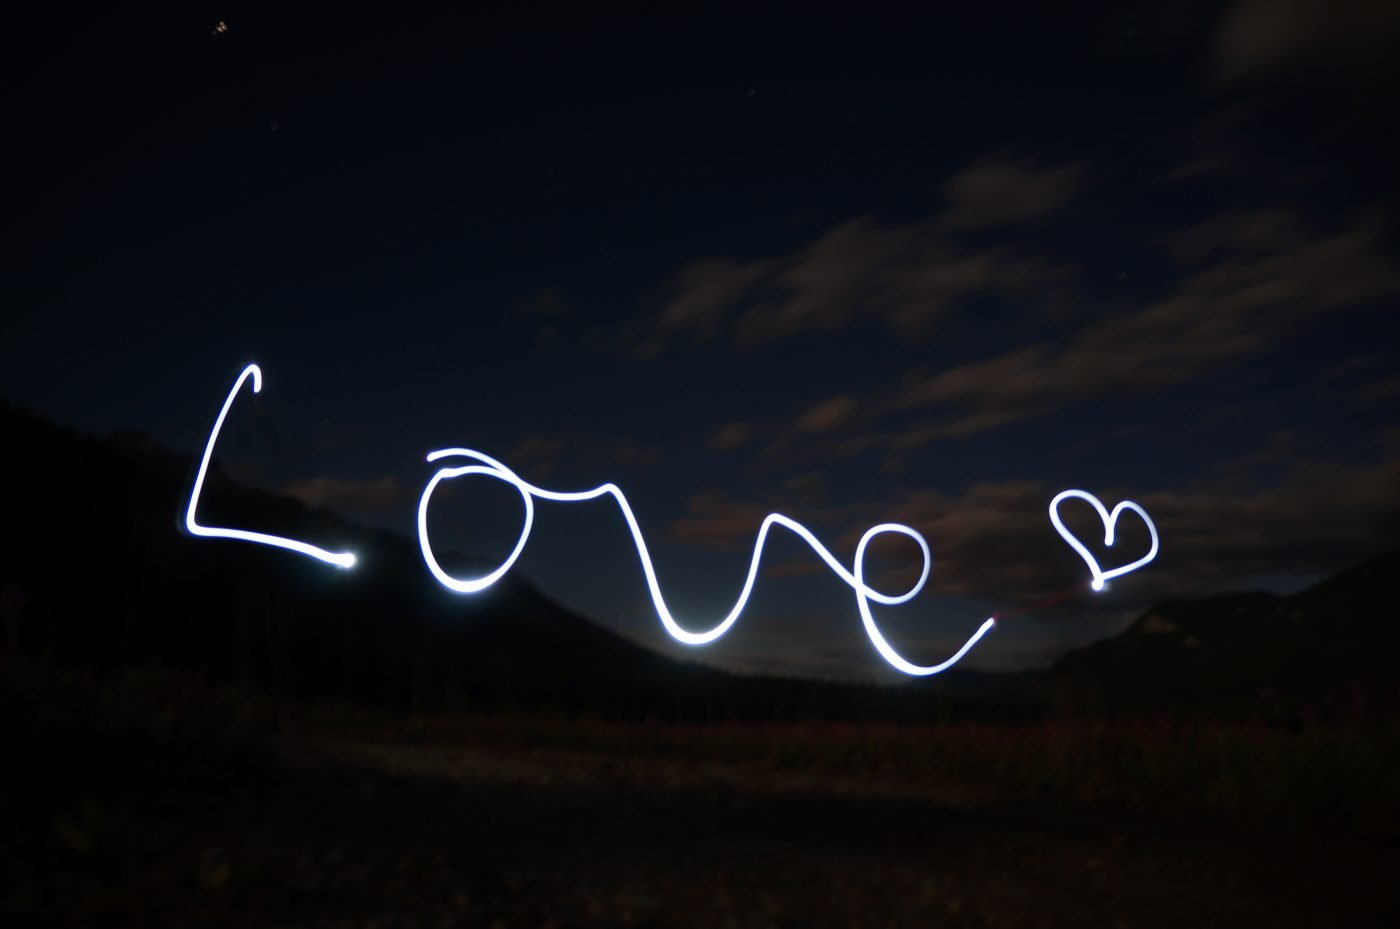 Romantic Getaway: Love written in lights